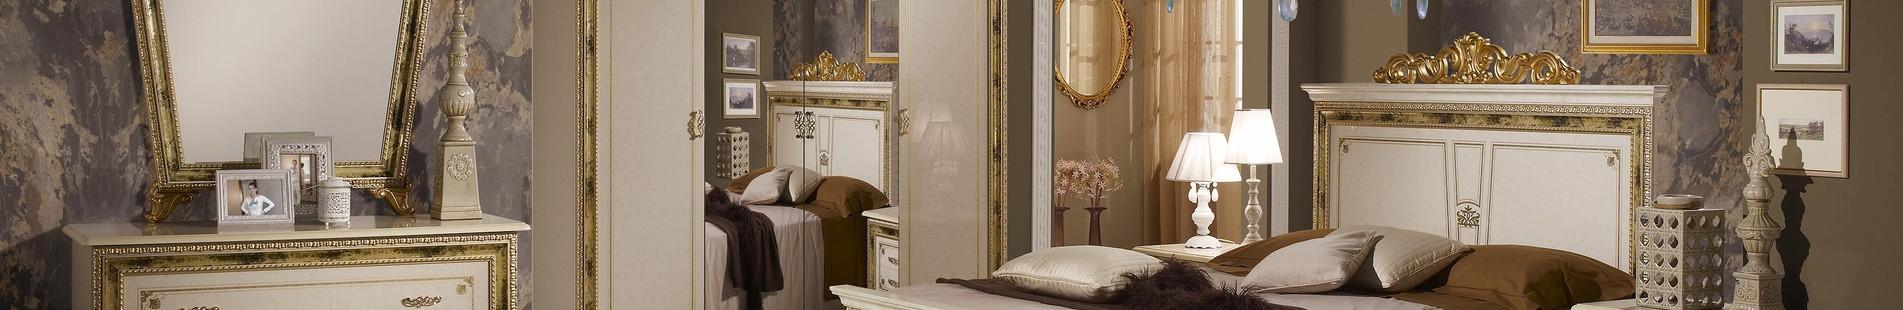 Italienische Möbel Esszimmer: Esszimmer repro antik design mahagoni m ...